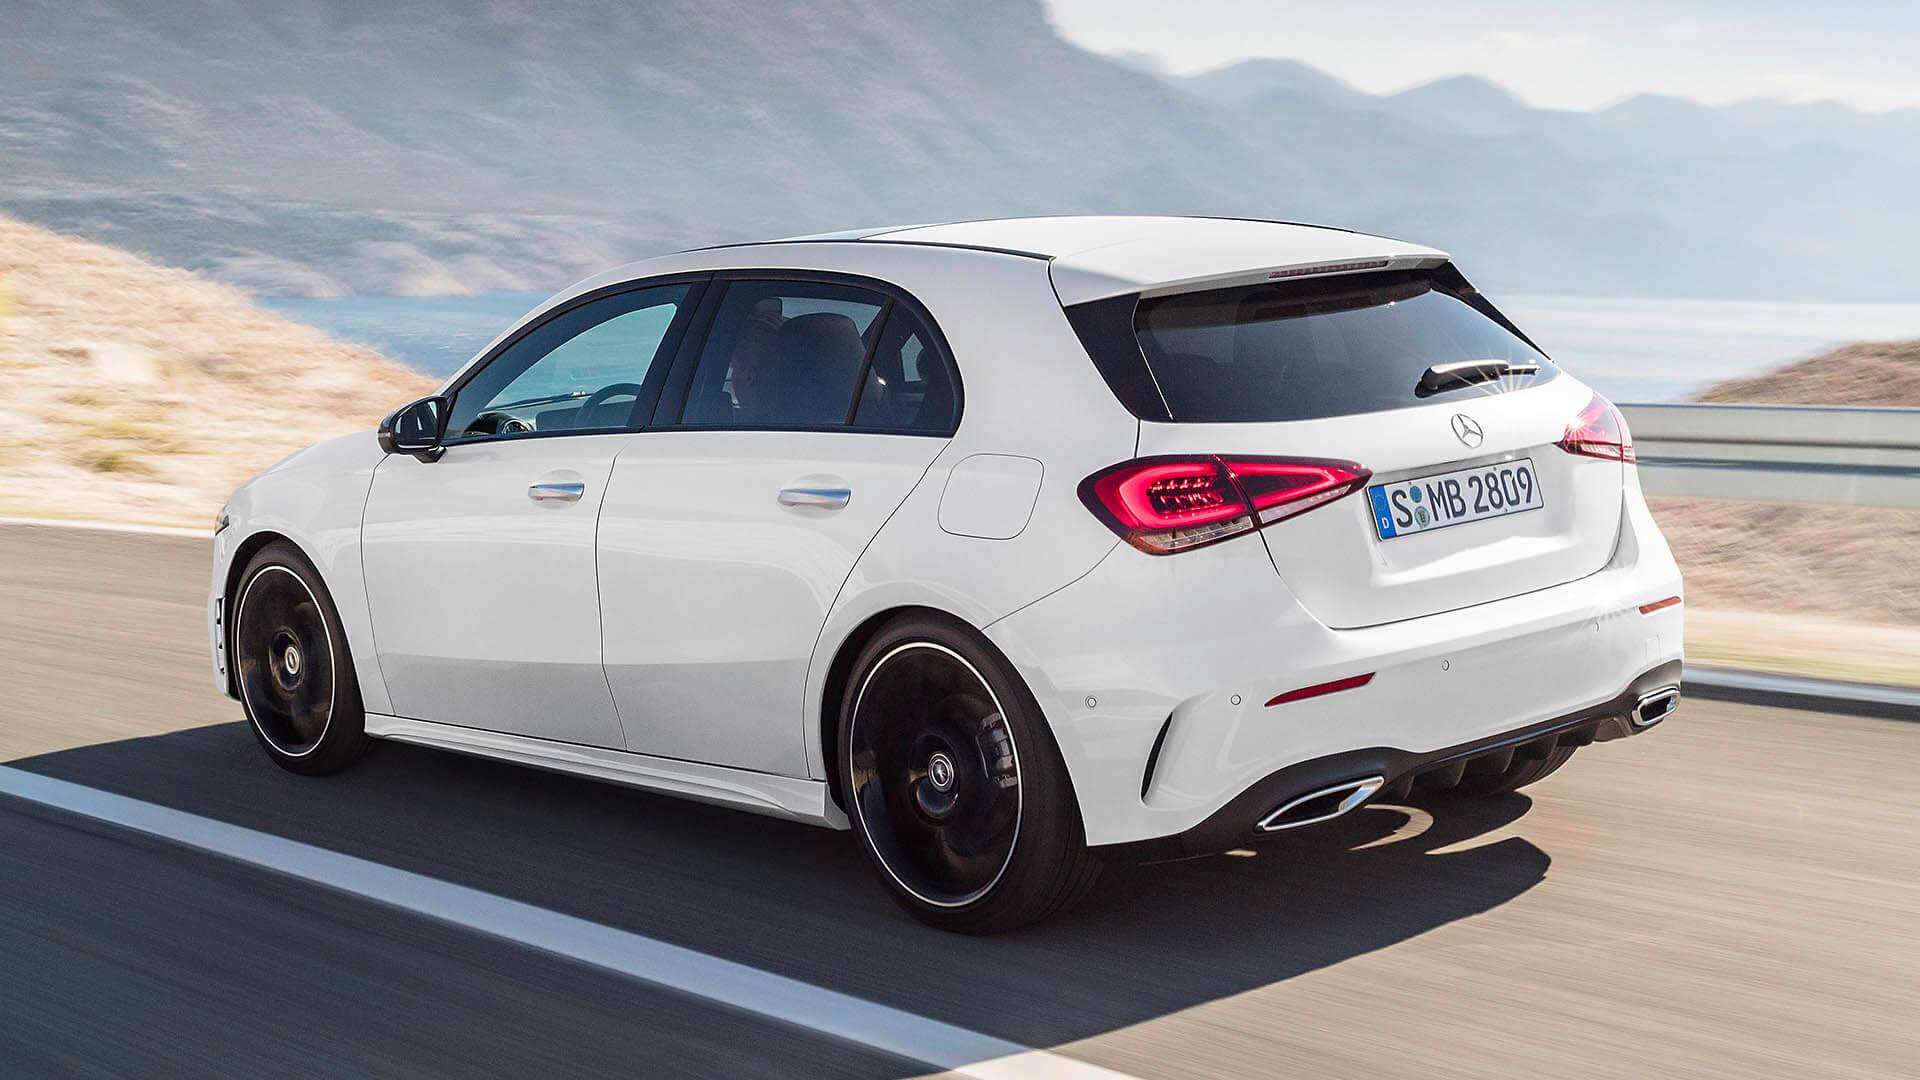 Mercedes benz a klasse for Mercedes benz ticker symbol